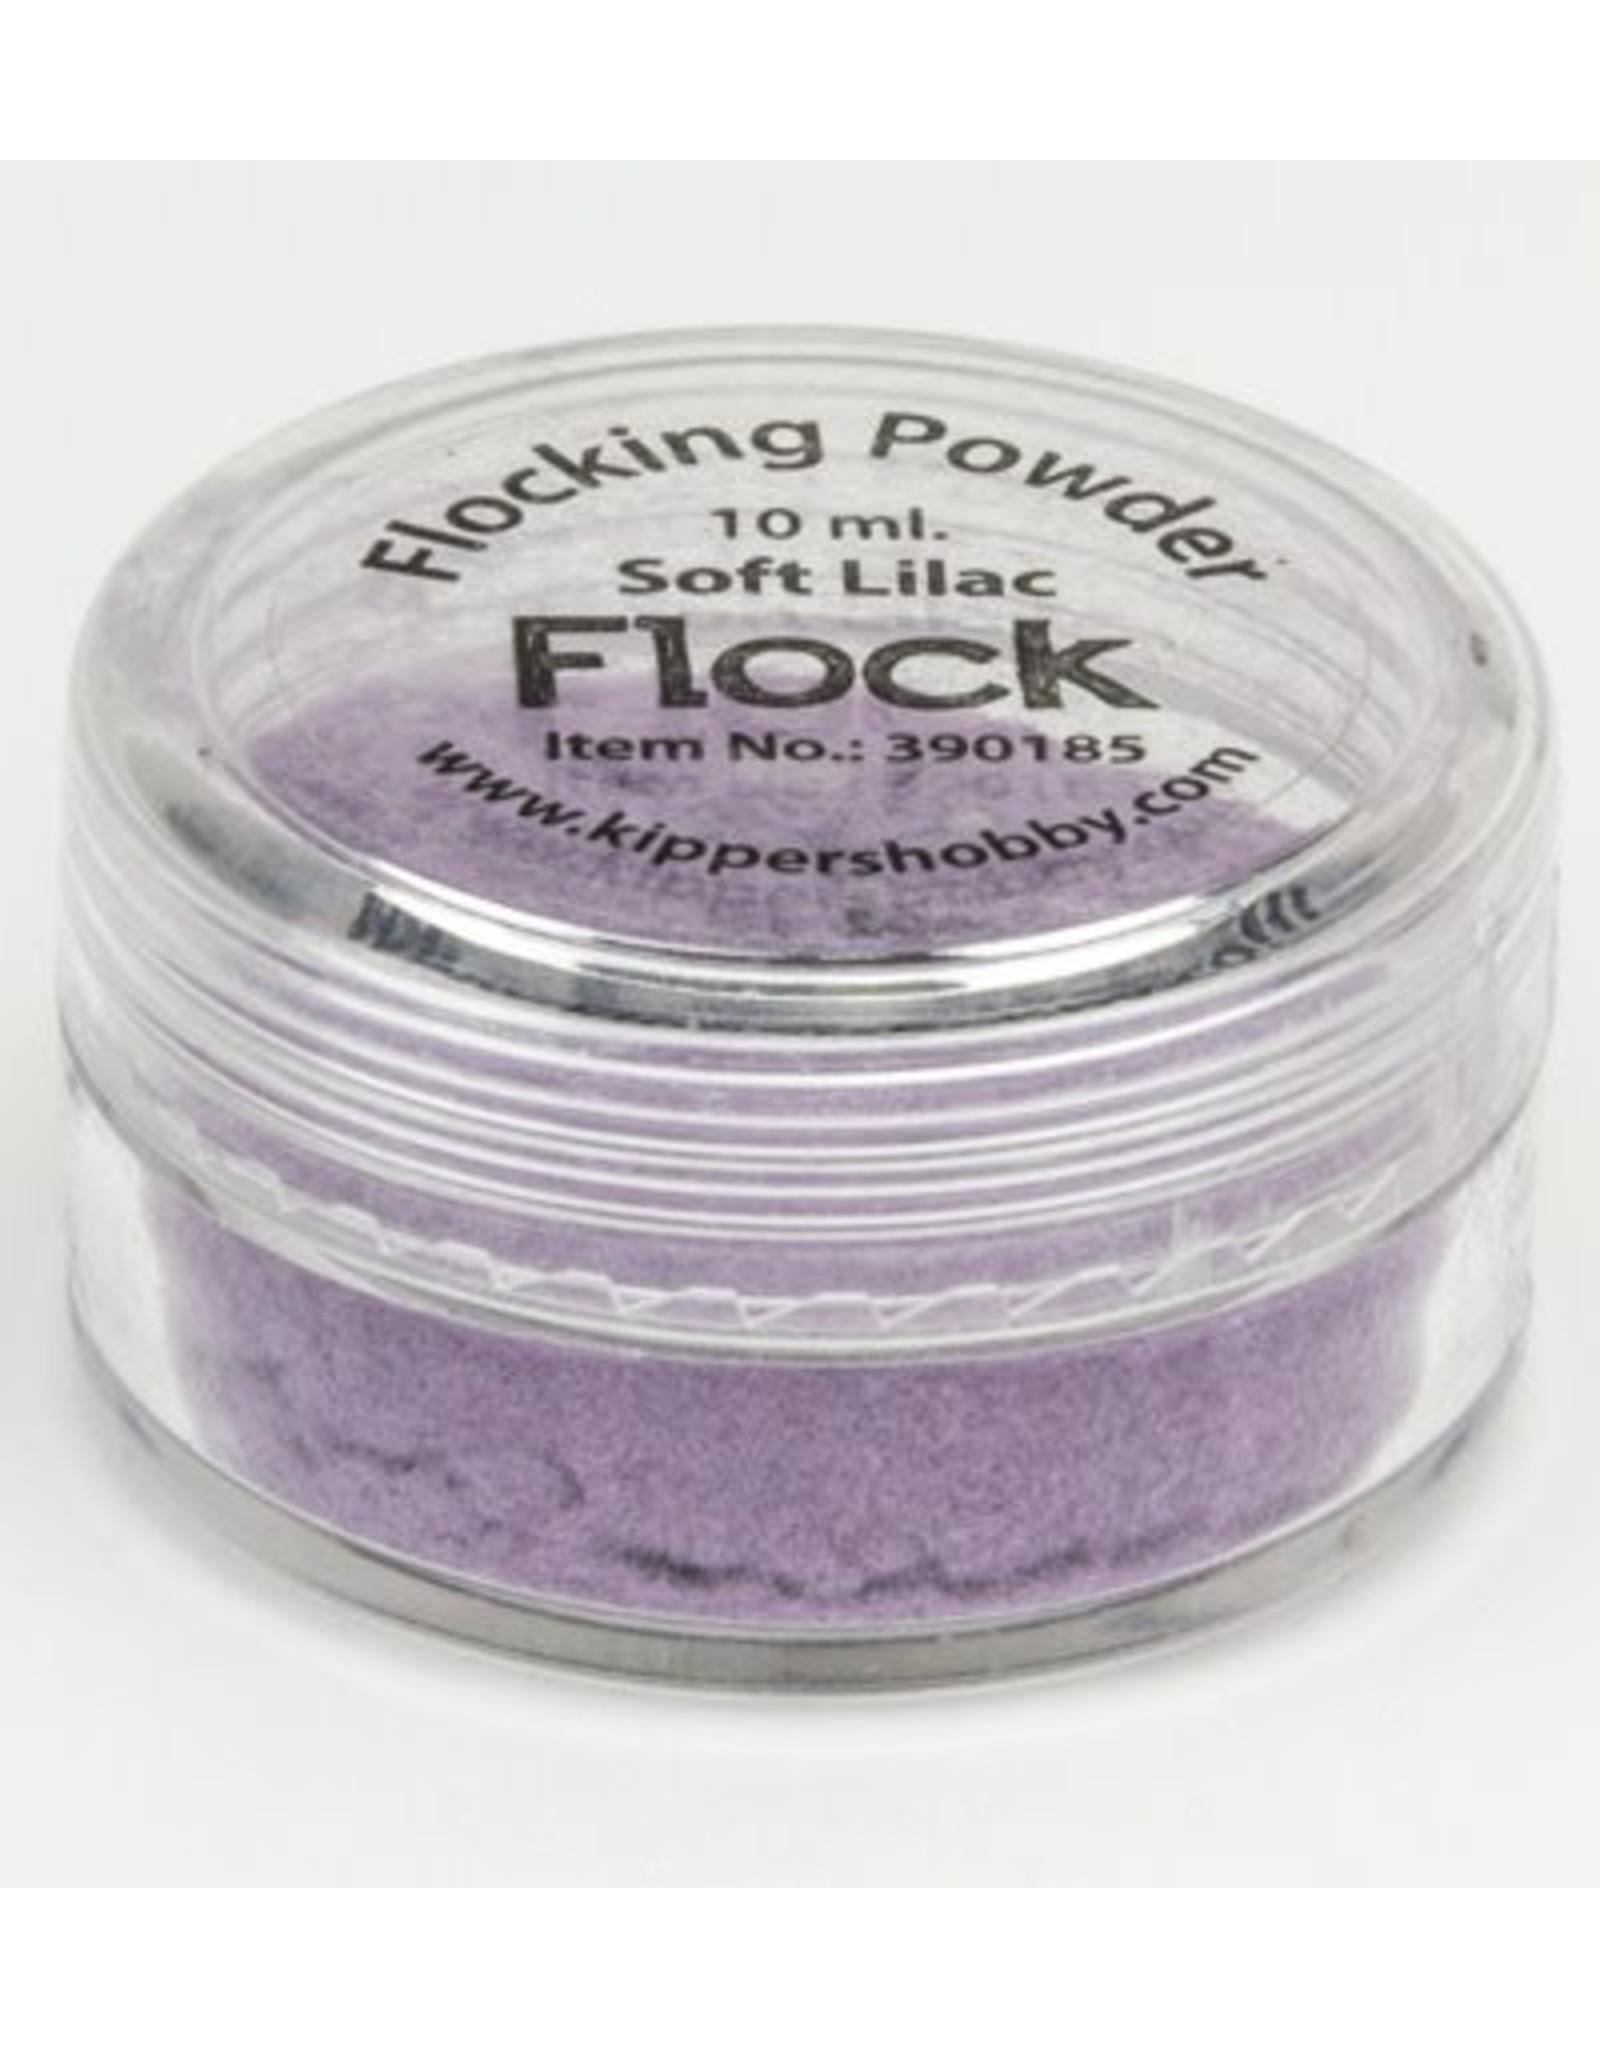 Flocking Powder Soft Lilac